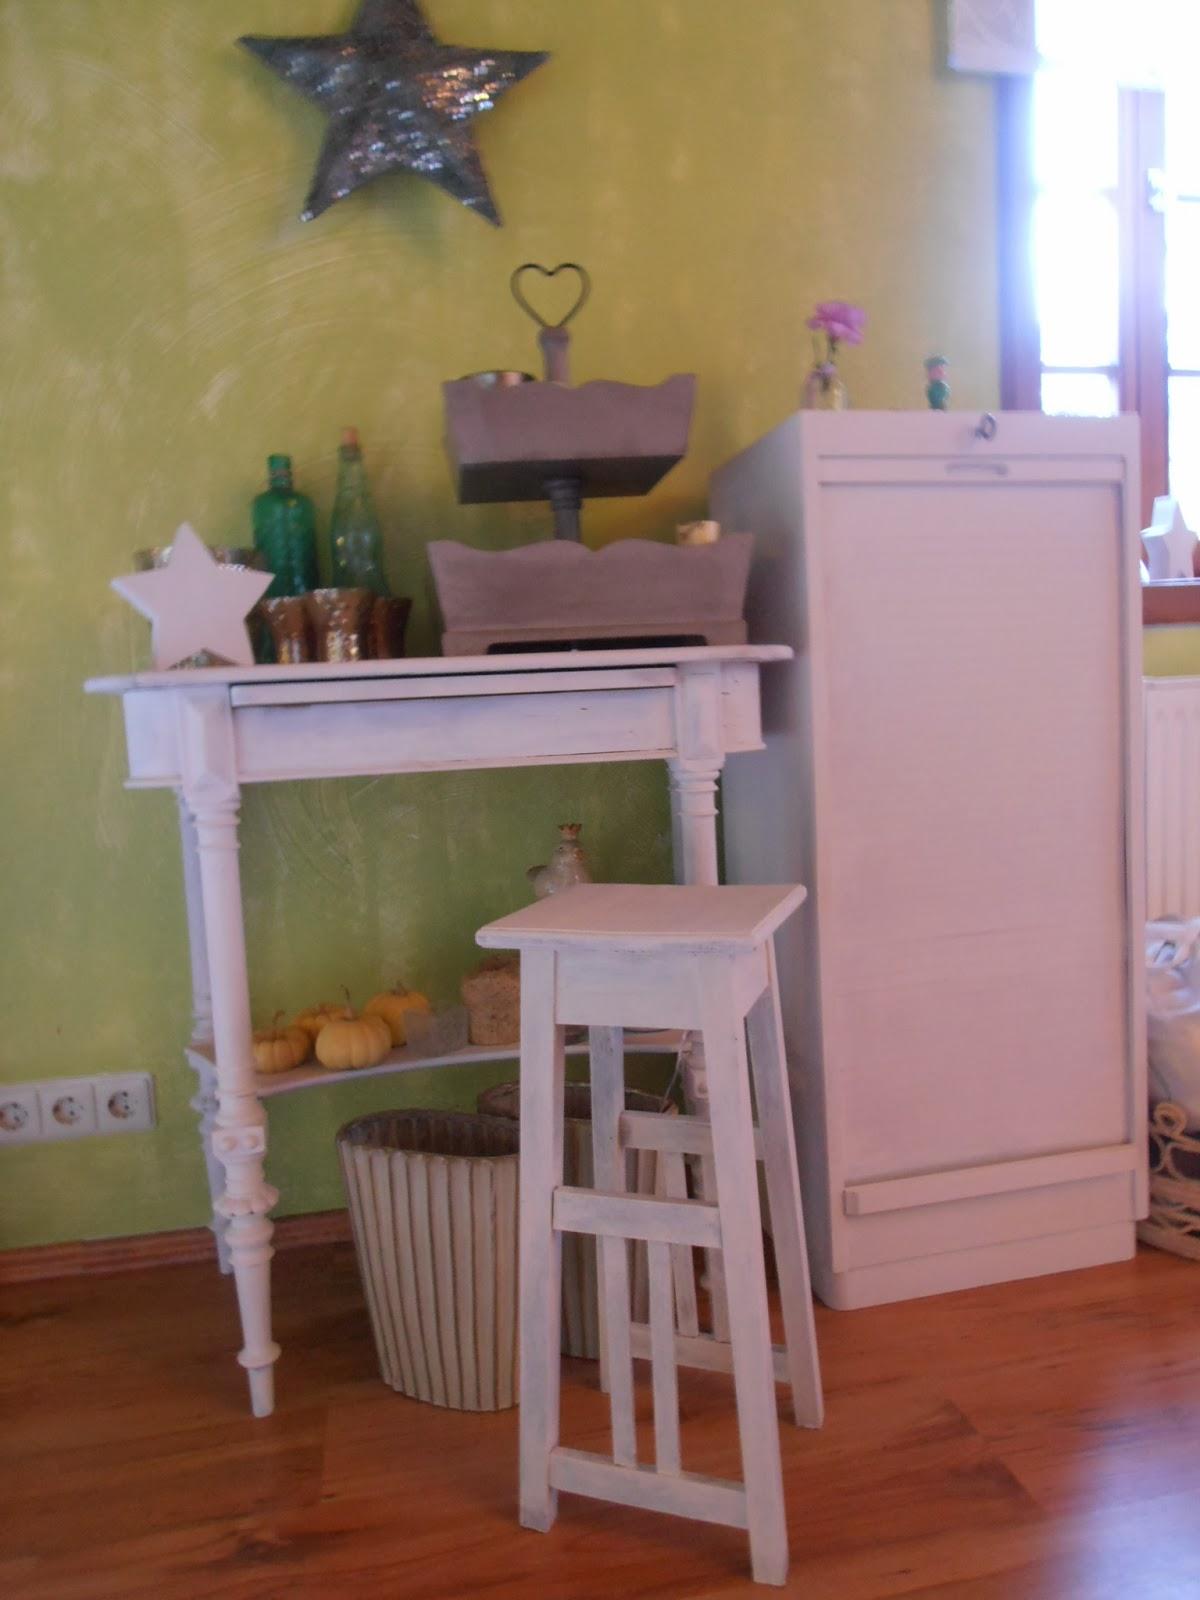 Inspirierend Möbel Mit Kreidefarbe Streichen Design